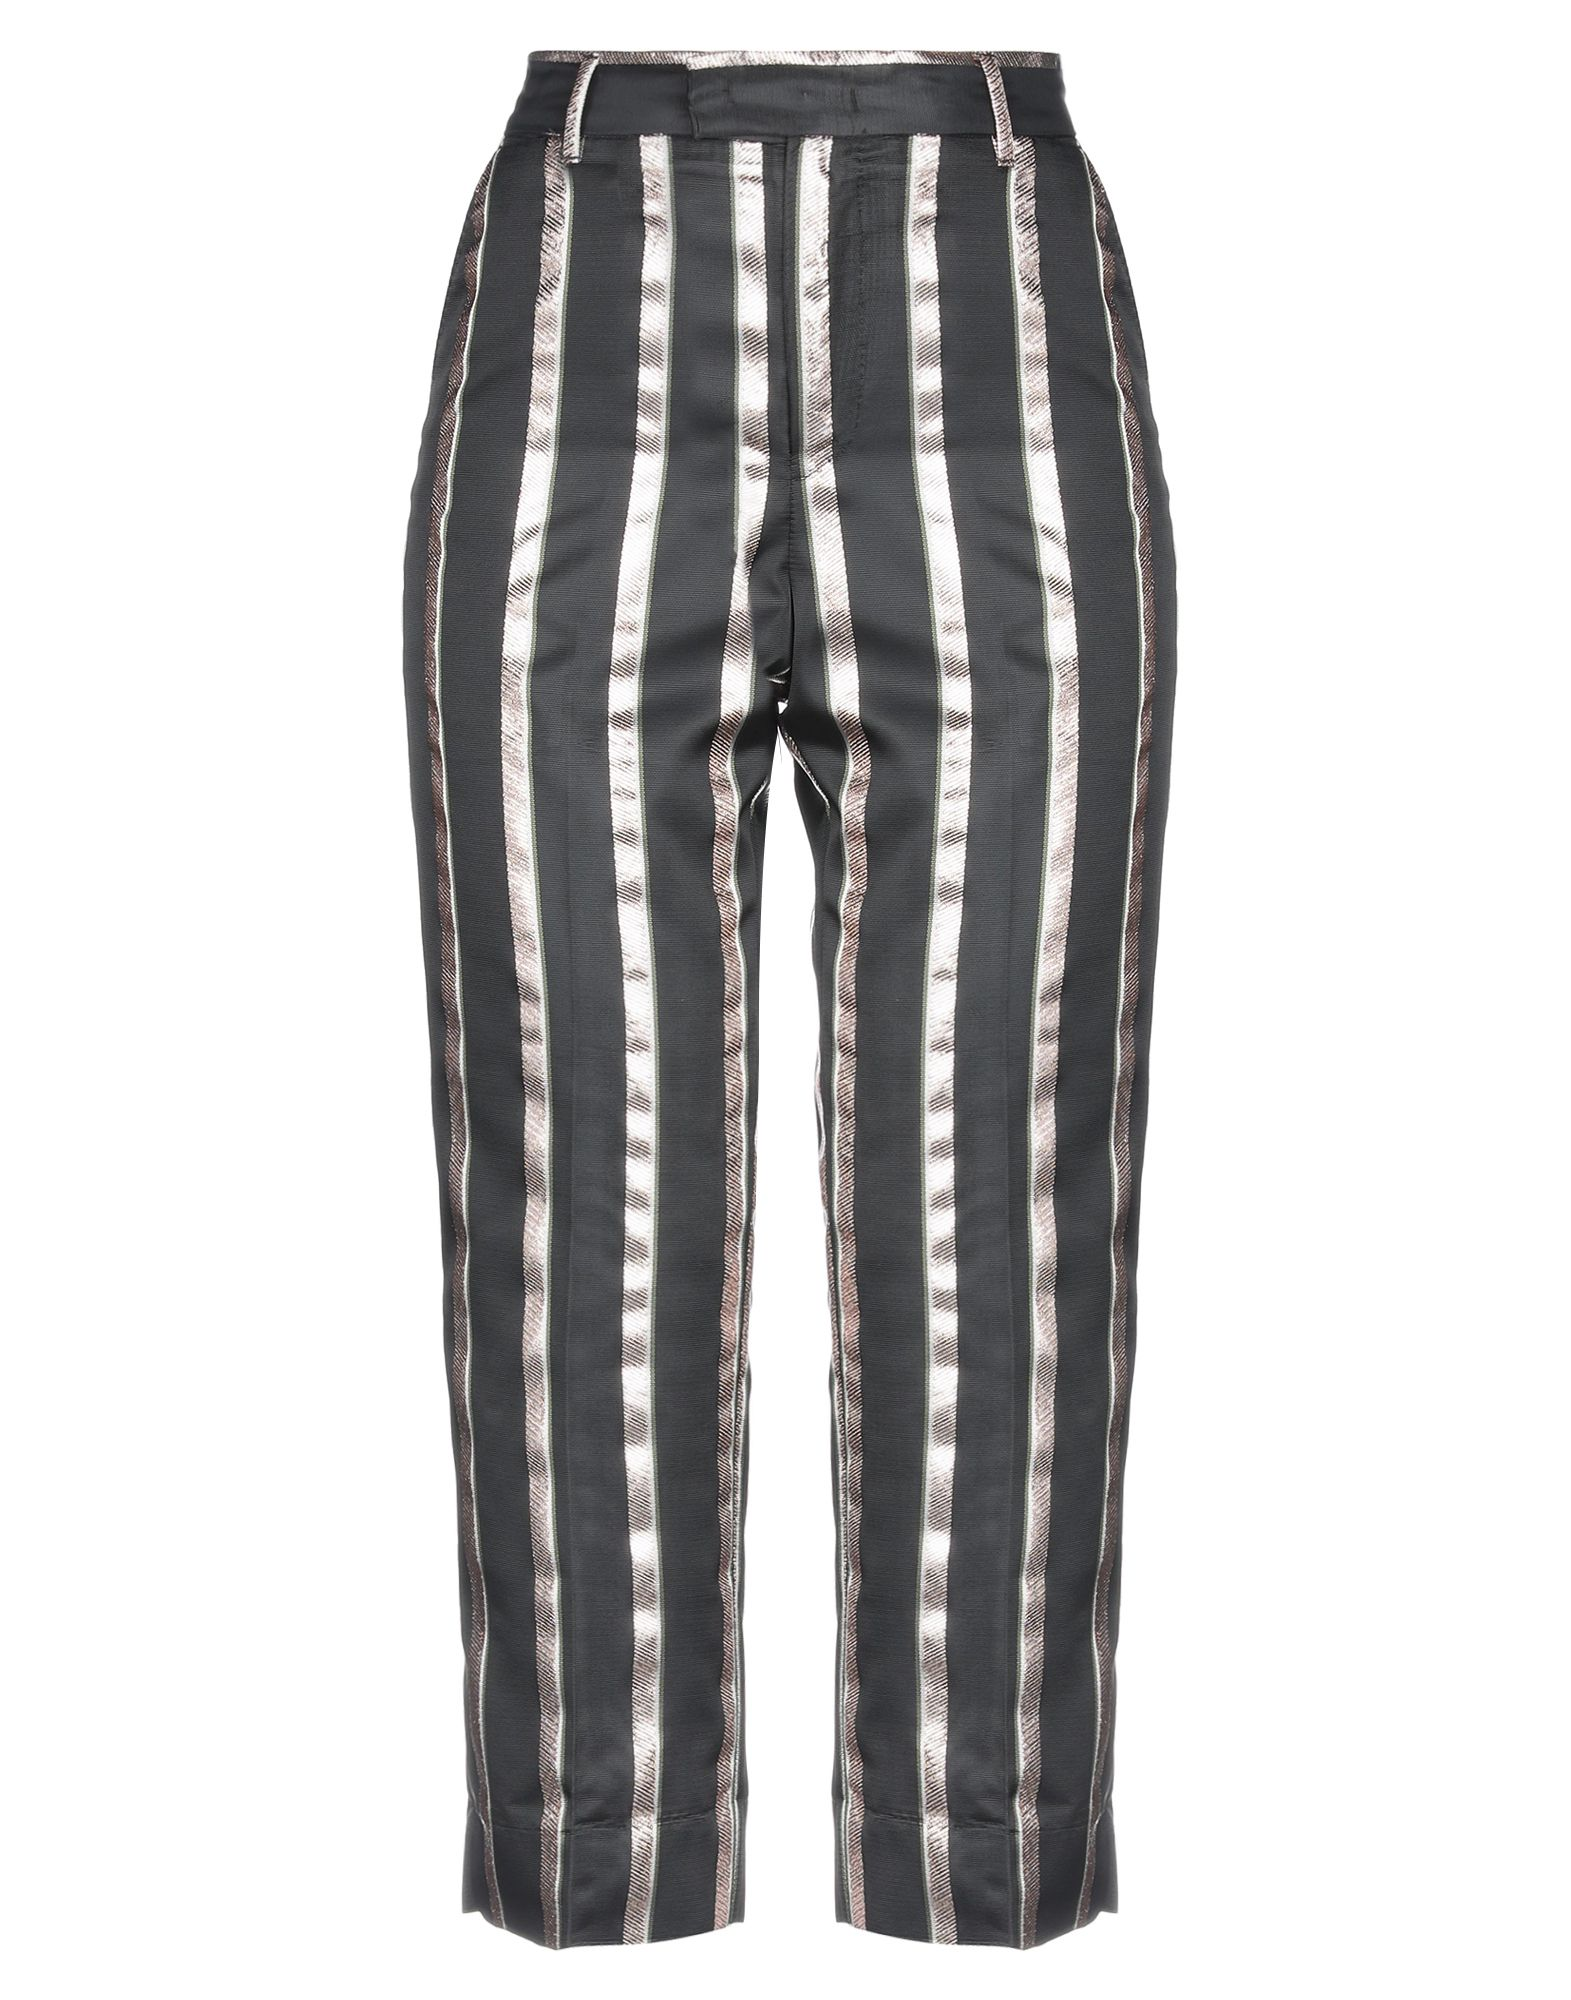 Pantalone Classico Classico Pt01 donna - 13372139RT  bis zu 80% sparen